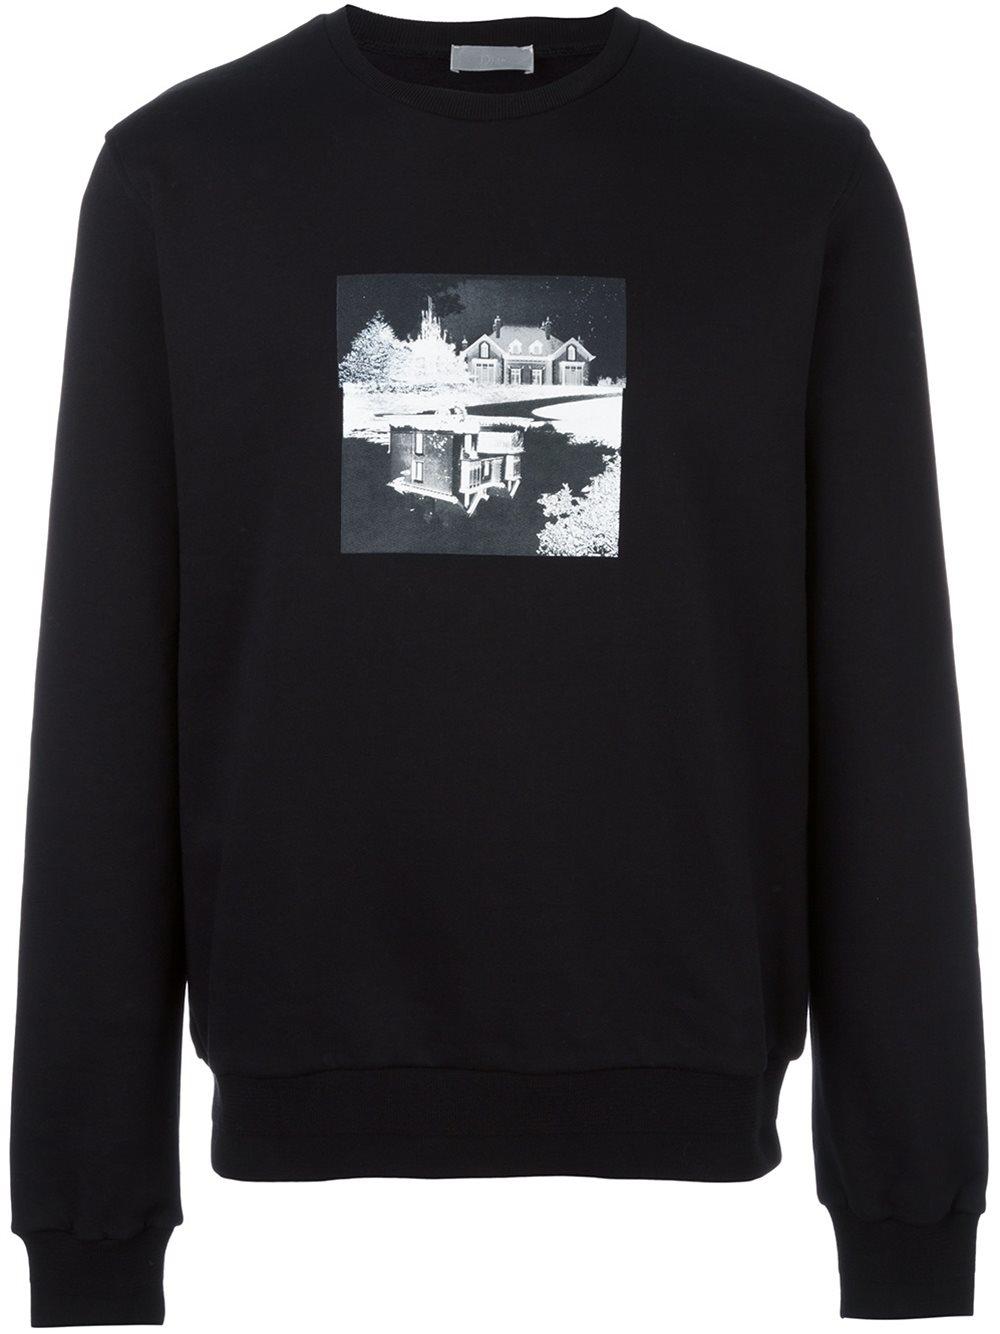 lyst dior homme house print sweatshirt in black for men. Black Bedroom Furniture Sets. Home Design Ideas